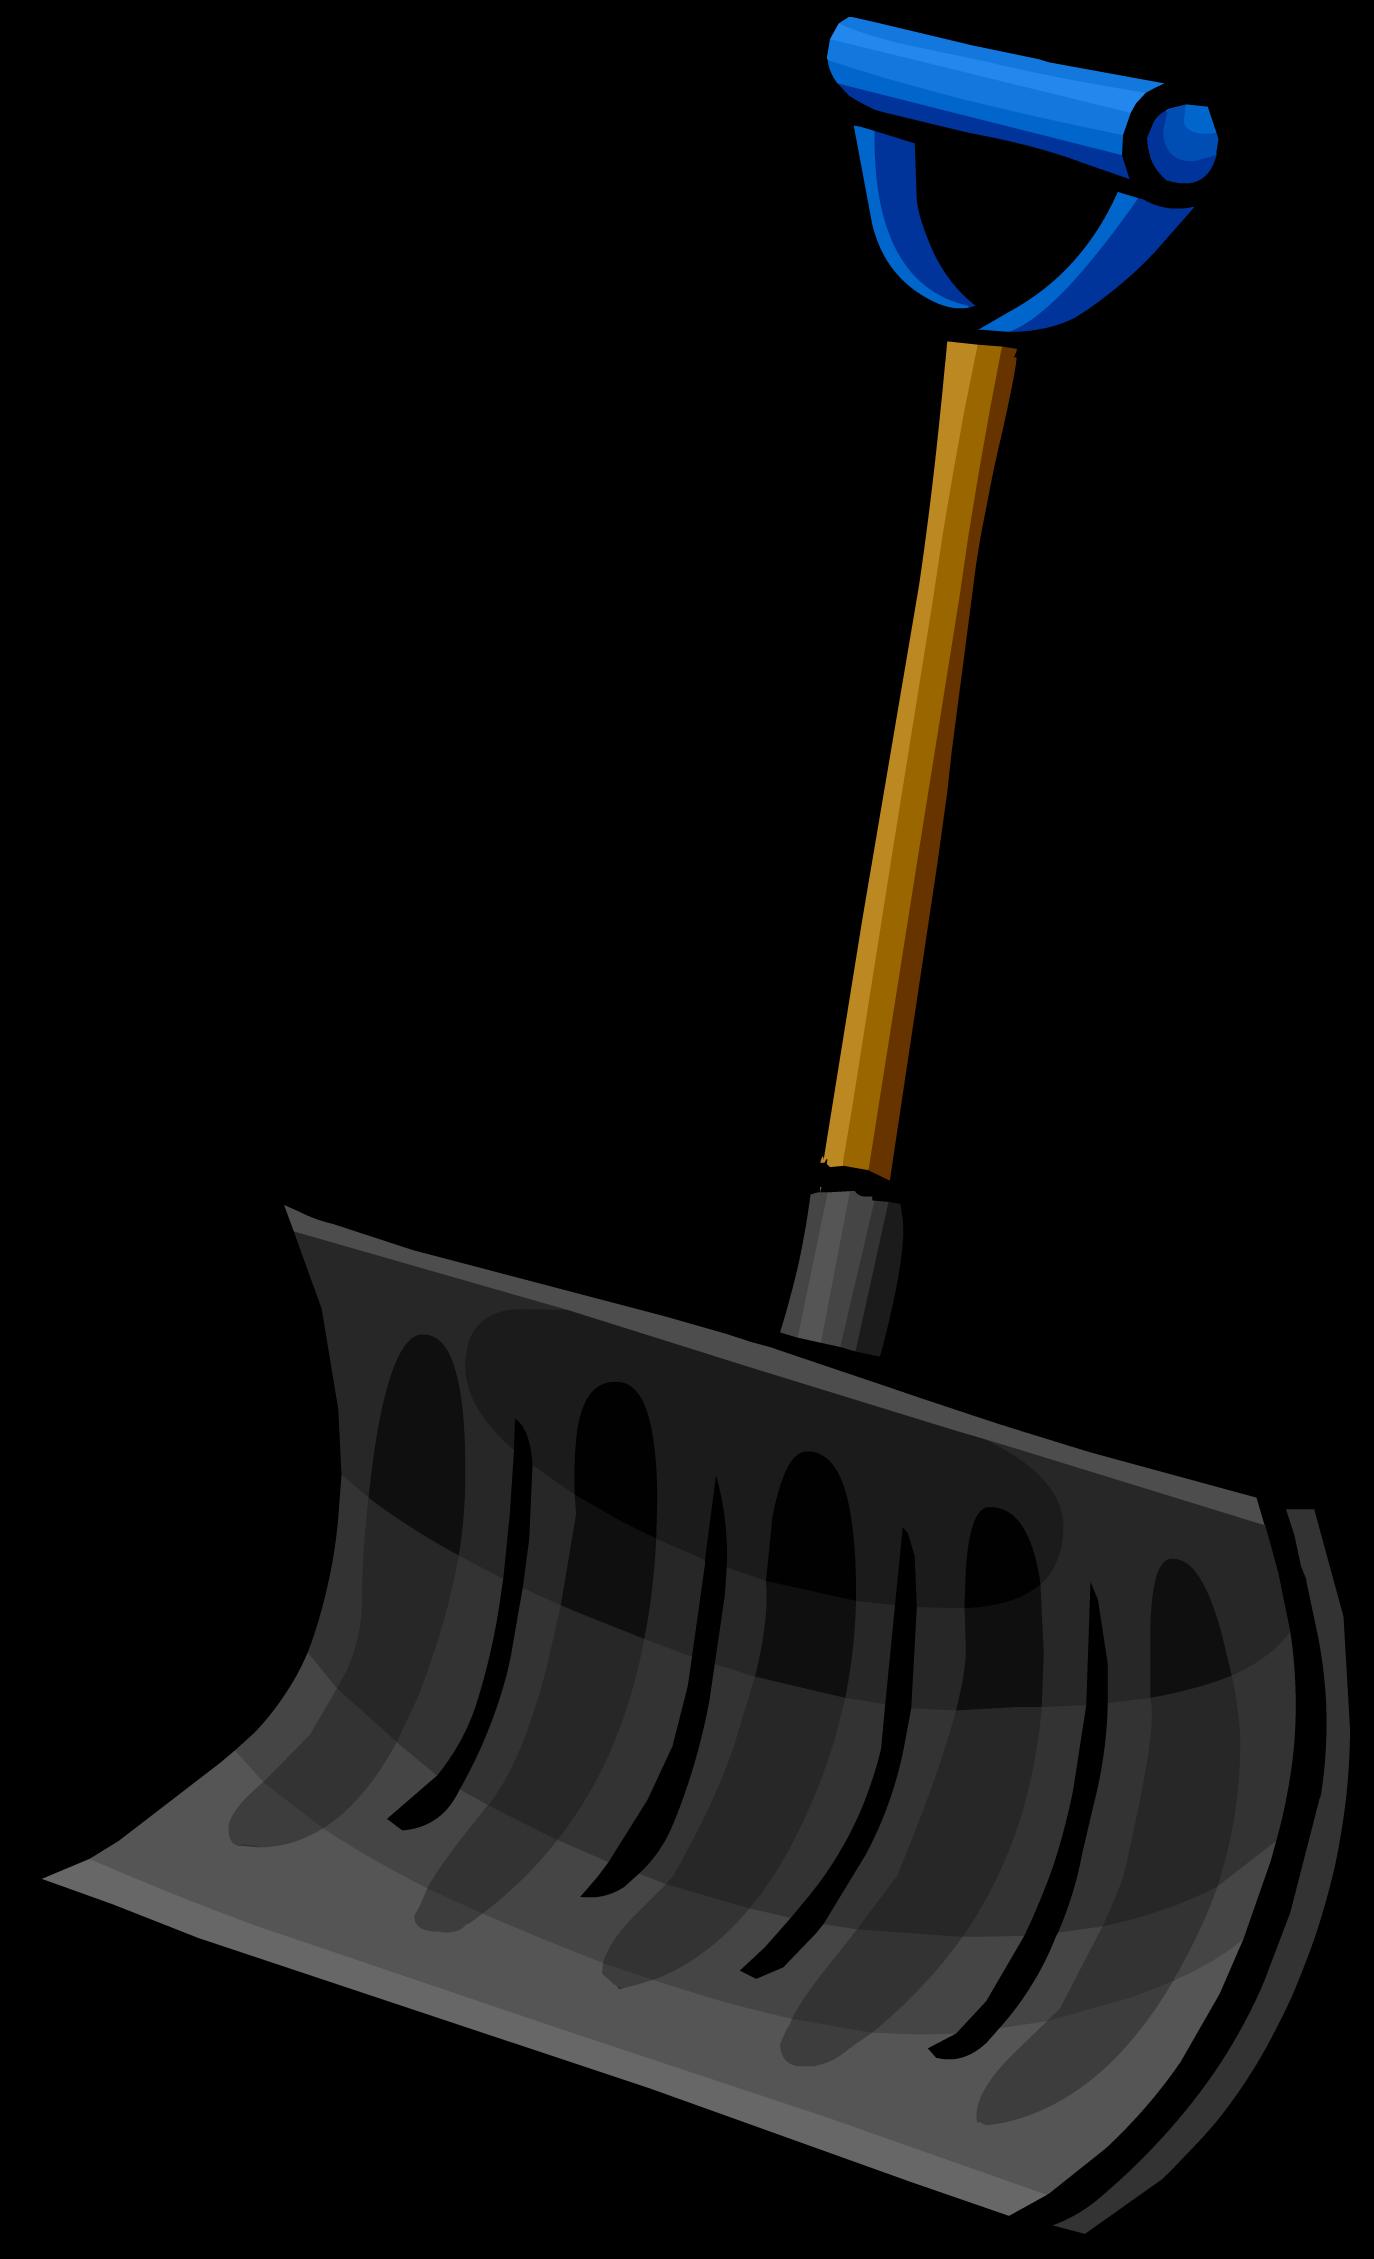 1374x2259 Snow Shovel Club Penguin Wiki Fandom Powered By Wikia